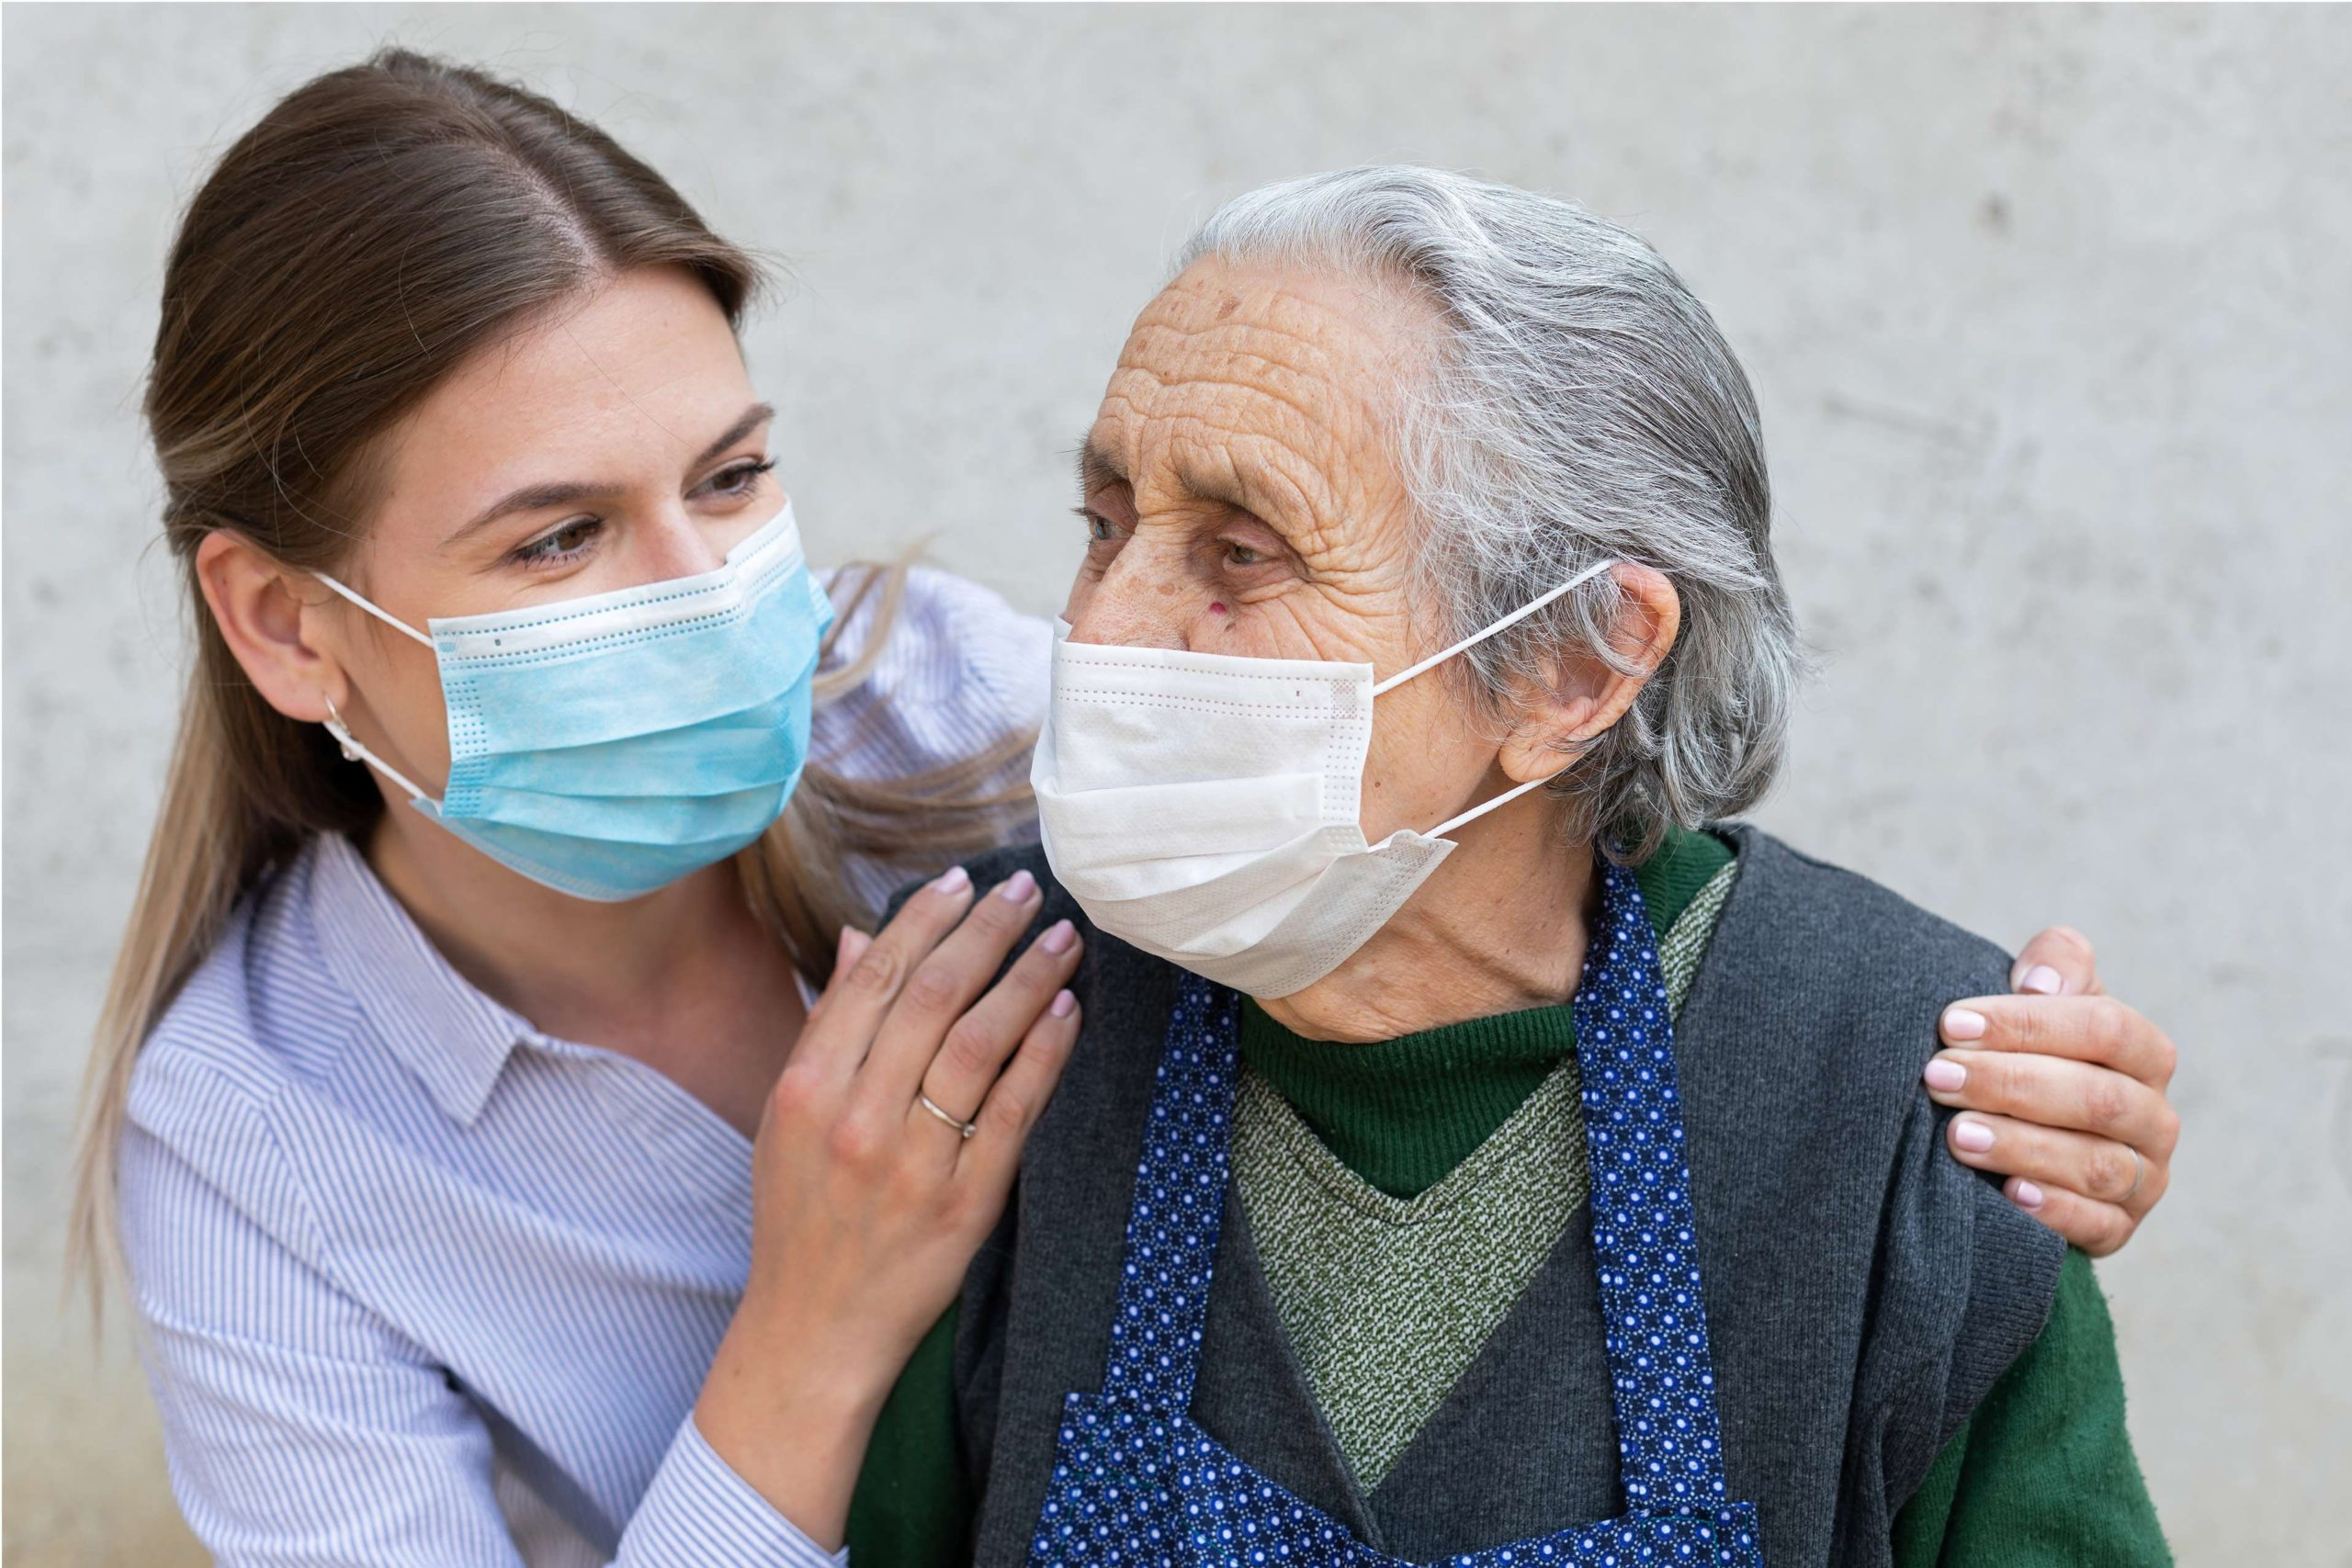 Así han cambiado las familias, mayores y cuidadores tras un año de pandemia, según Cuidum